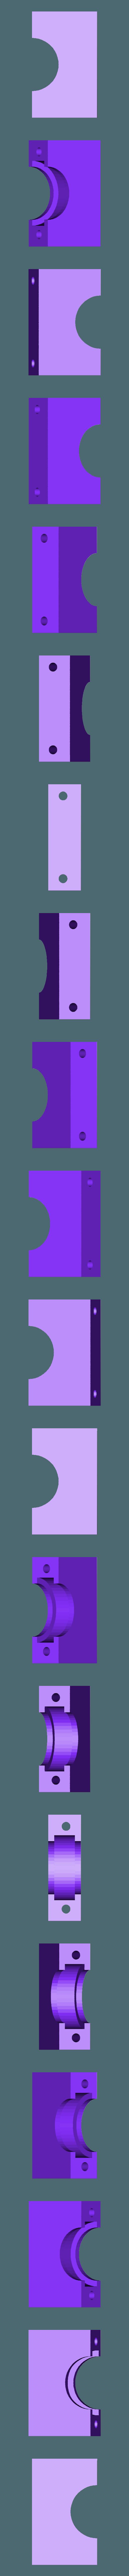 test_v1_test_v1_Component10_1_Body1_Component10.stl Télécharger fichier STL gratuit Test de la machine vibrante • Design imprimable en 3D, TinkersProjects